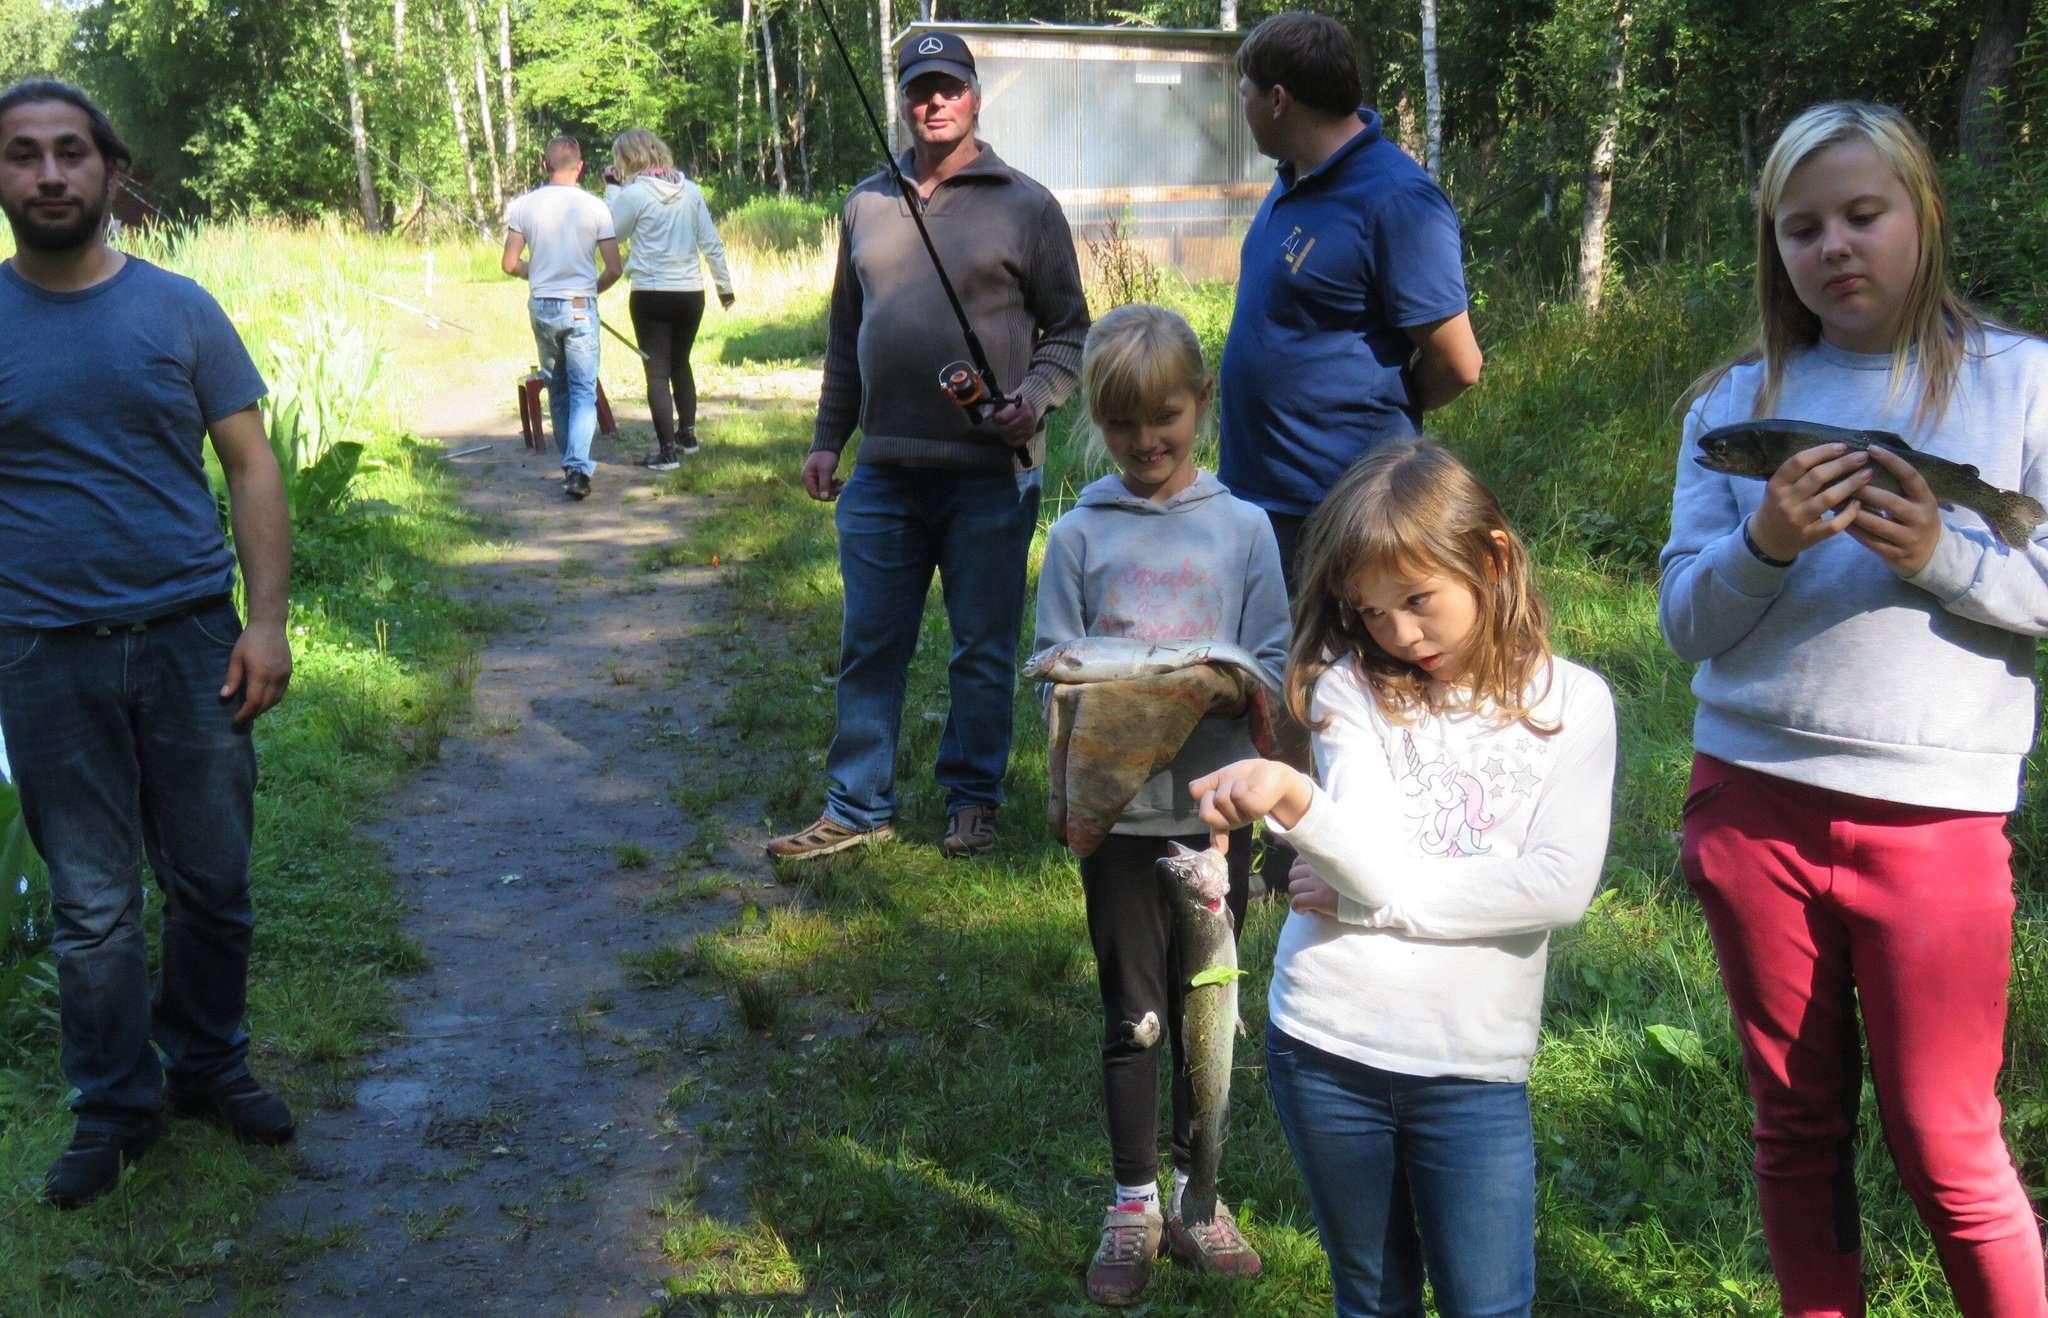 Einige Junganglerinnen und -angler kannten sich bereits mit Fisch und dessen Zubereitung aus. Foto: Elke Keppler-Rosenau